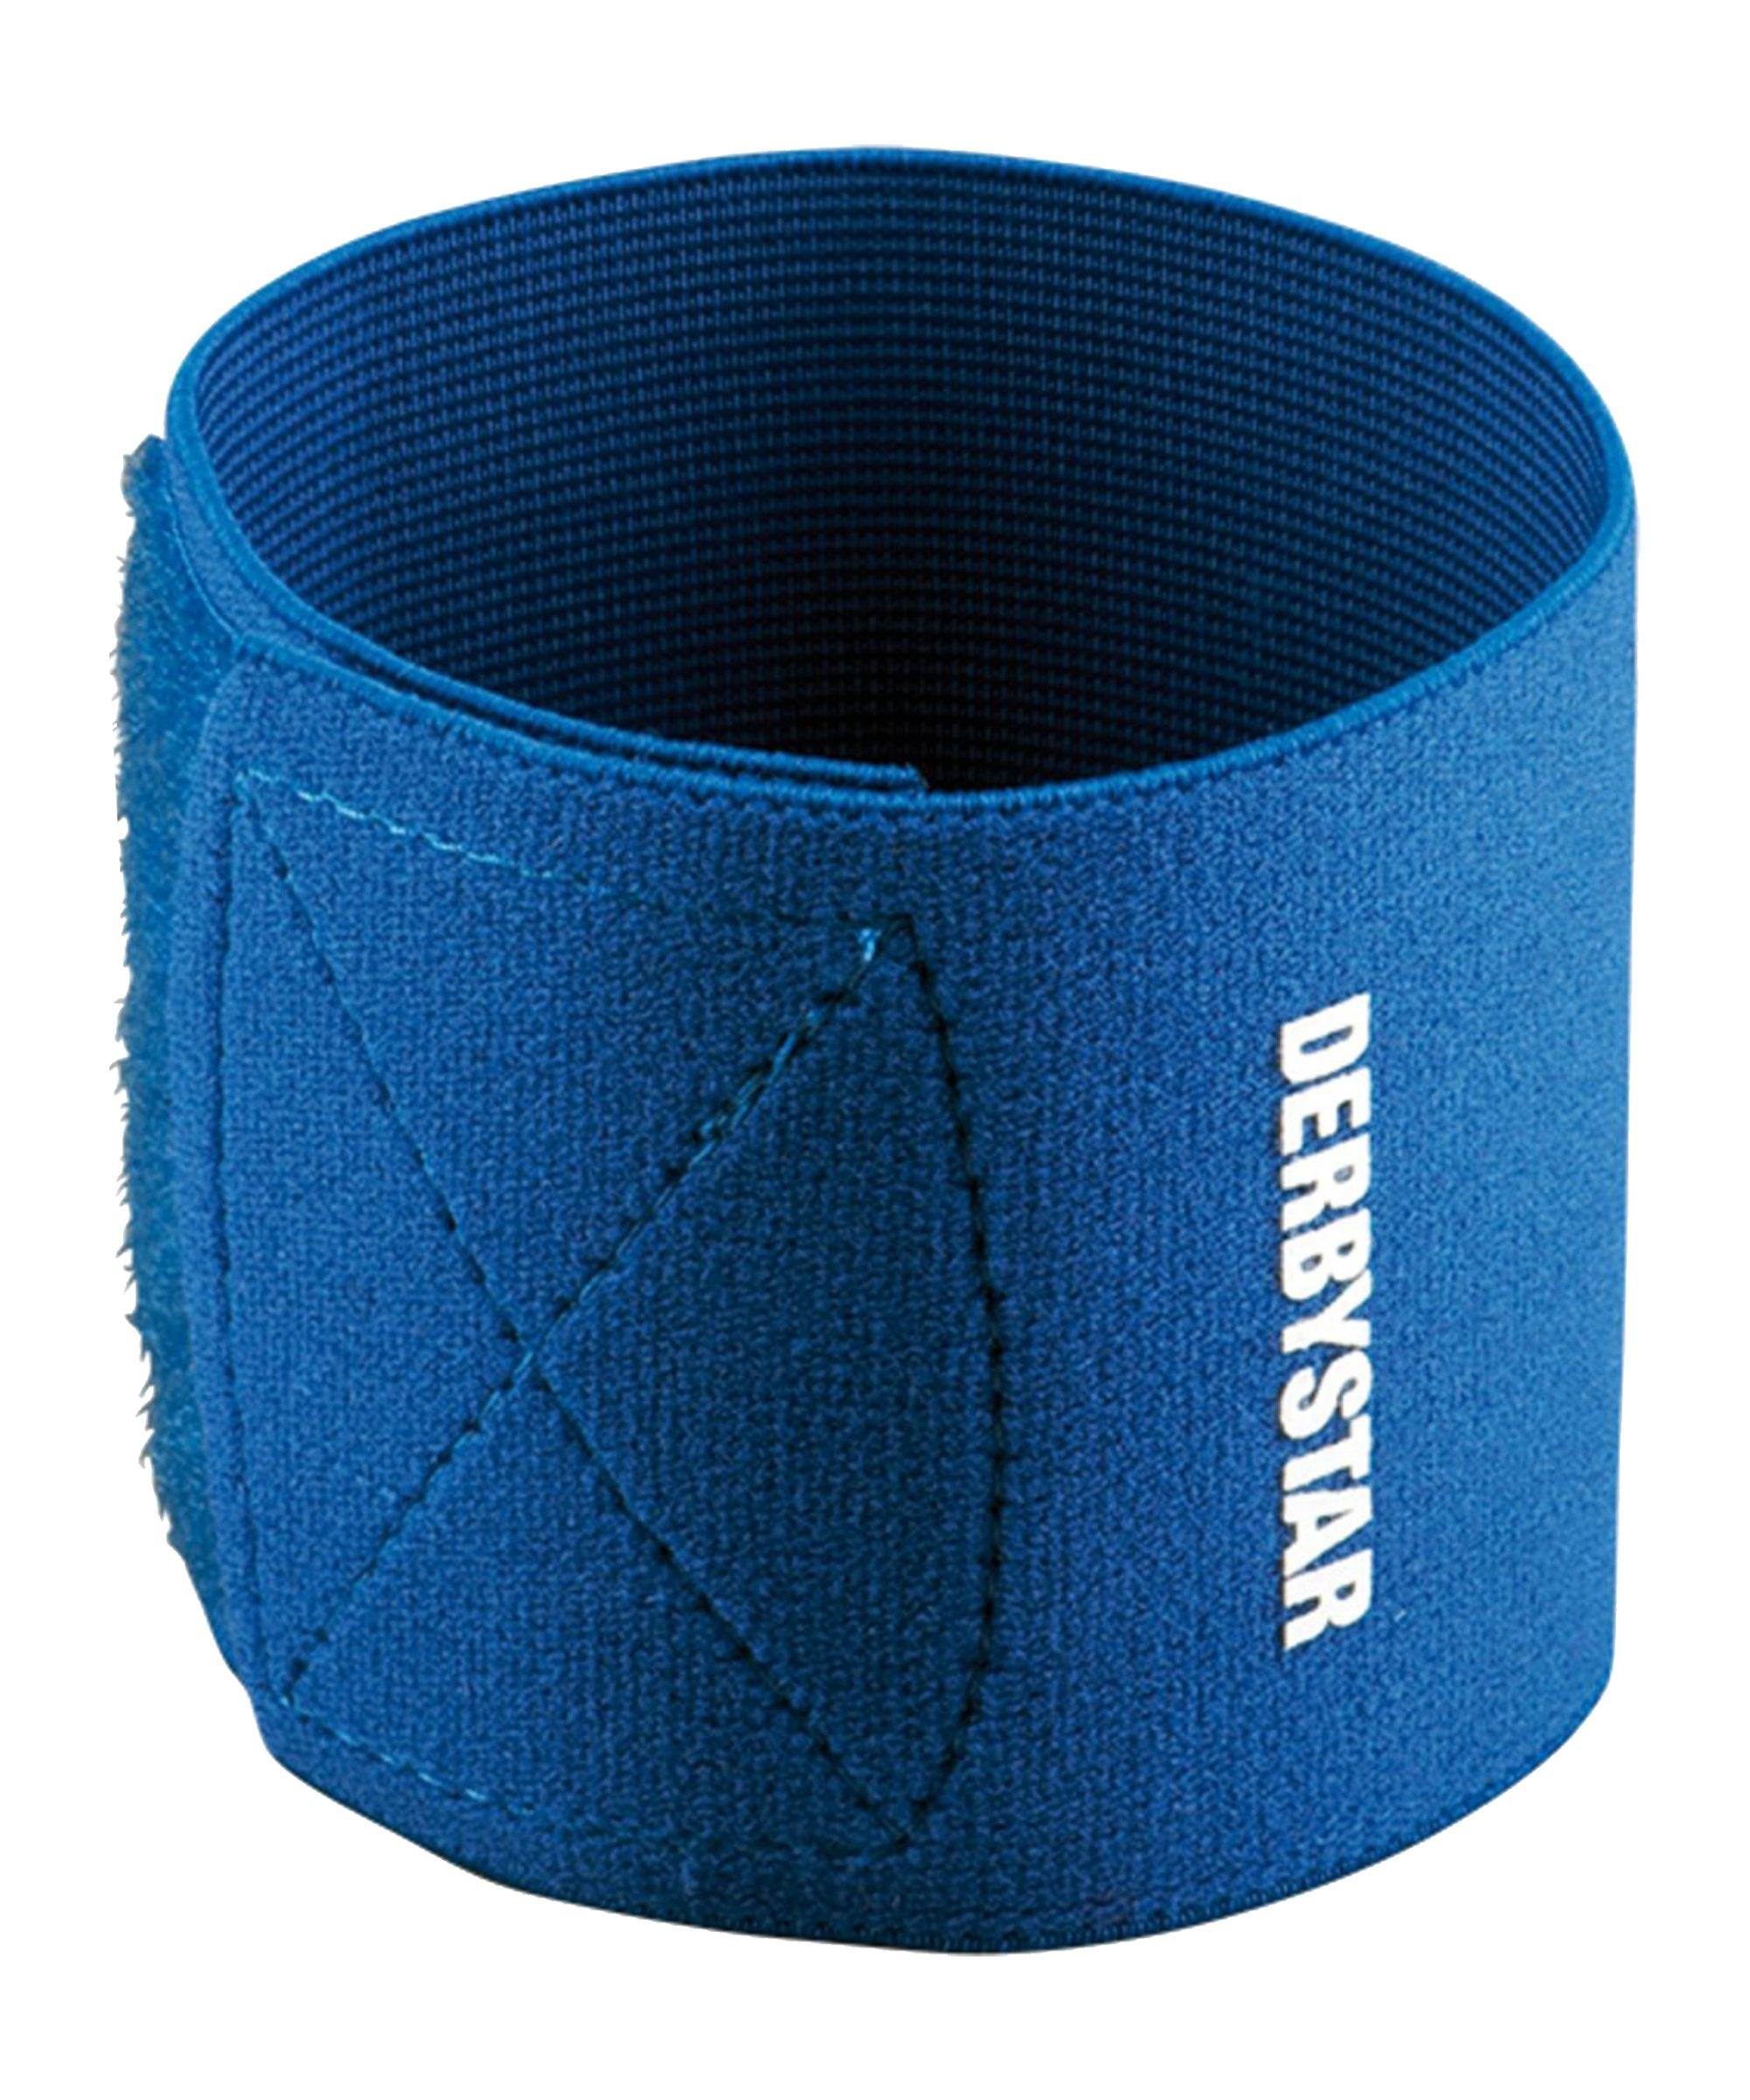 Derbystar Schienbeinschützer-Halter Blau F600 - blau